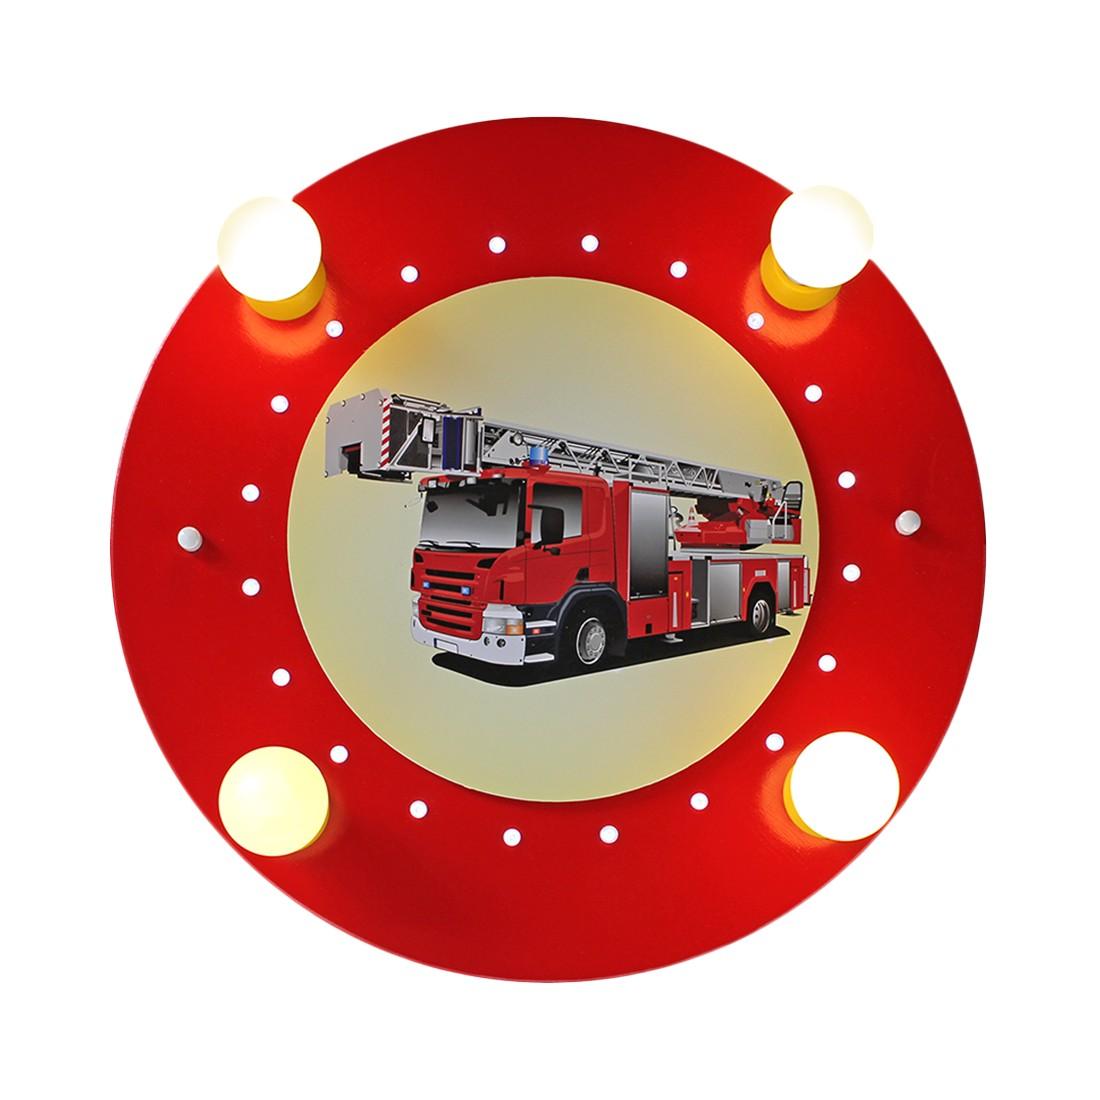 Deckenleuchte Feuerwehrauto 4/20 ● Holz ● 4-flammig- Elobra A+